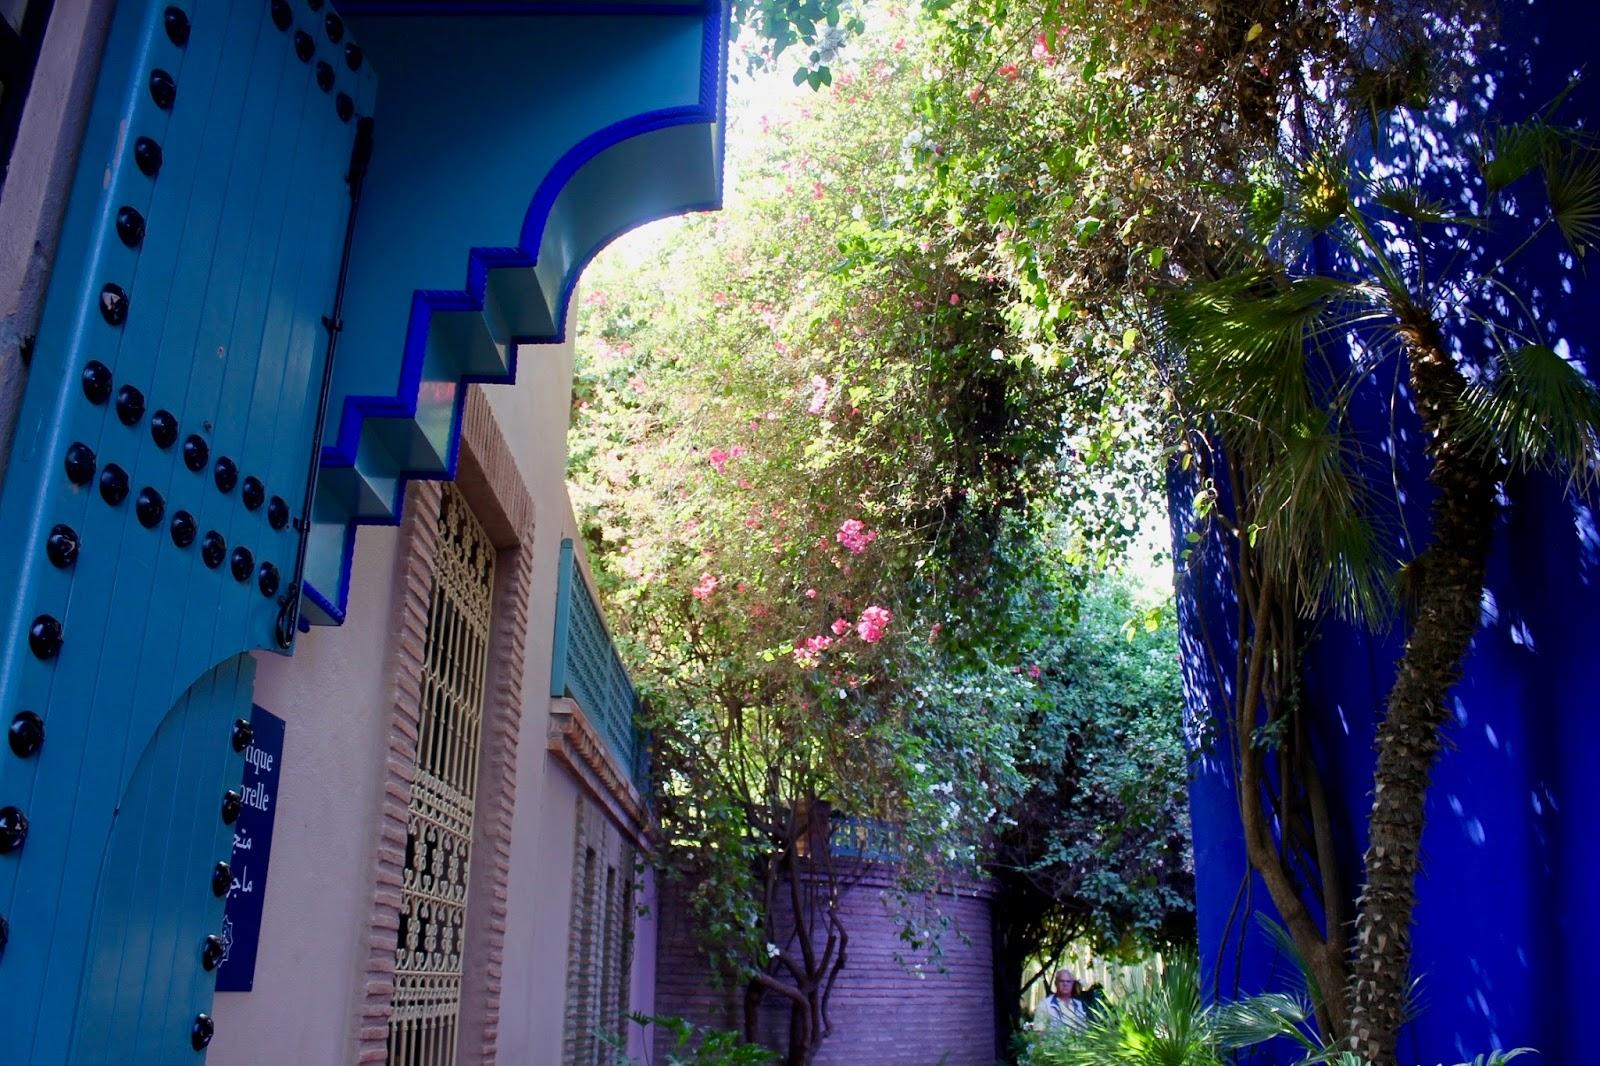 Majorelle Garden Florals and Blue Interior